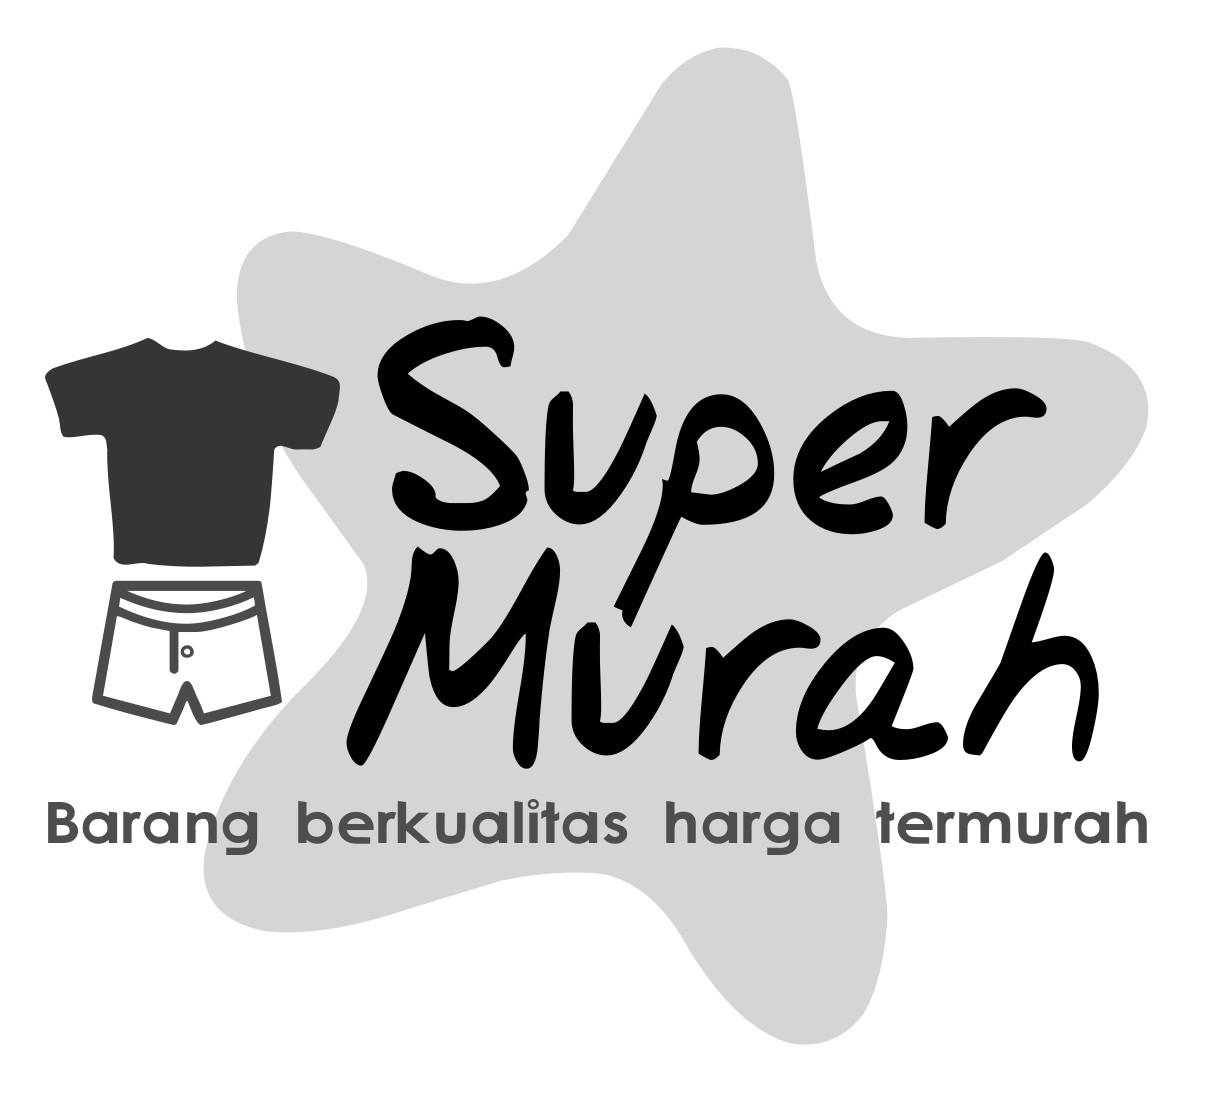 facebook toko baju super murah